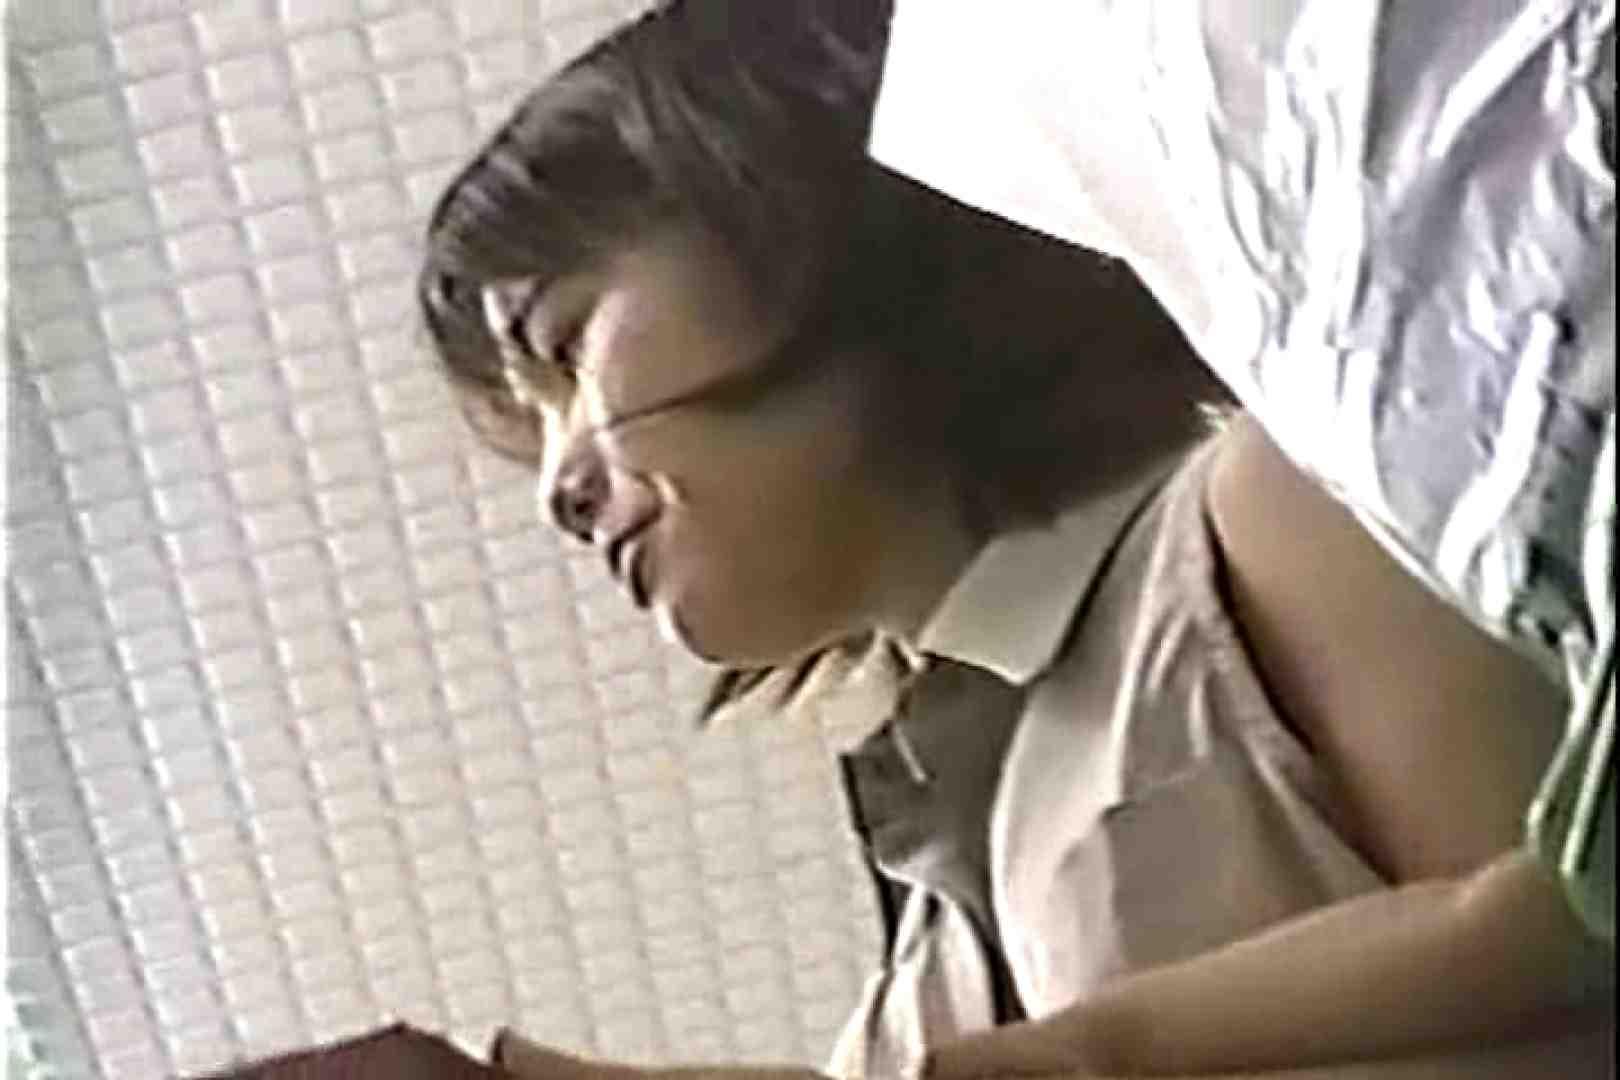 「ちくりん」さんのオリジナル未編集パンチラVol.6_02 OLヌード天国   パンチラ  98PIX 16